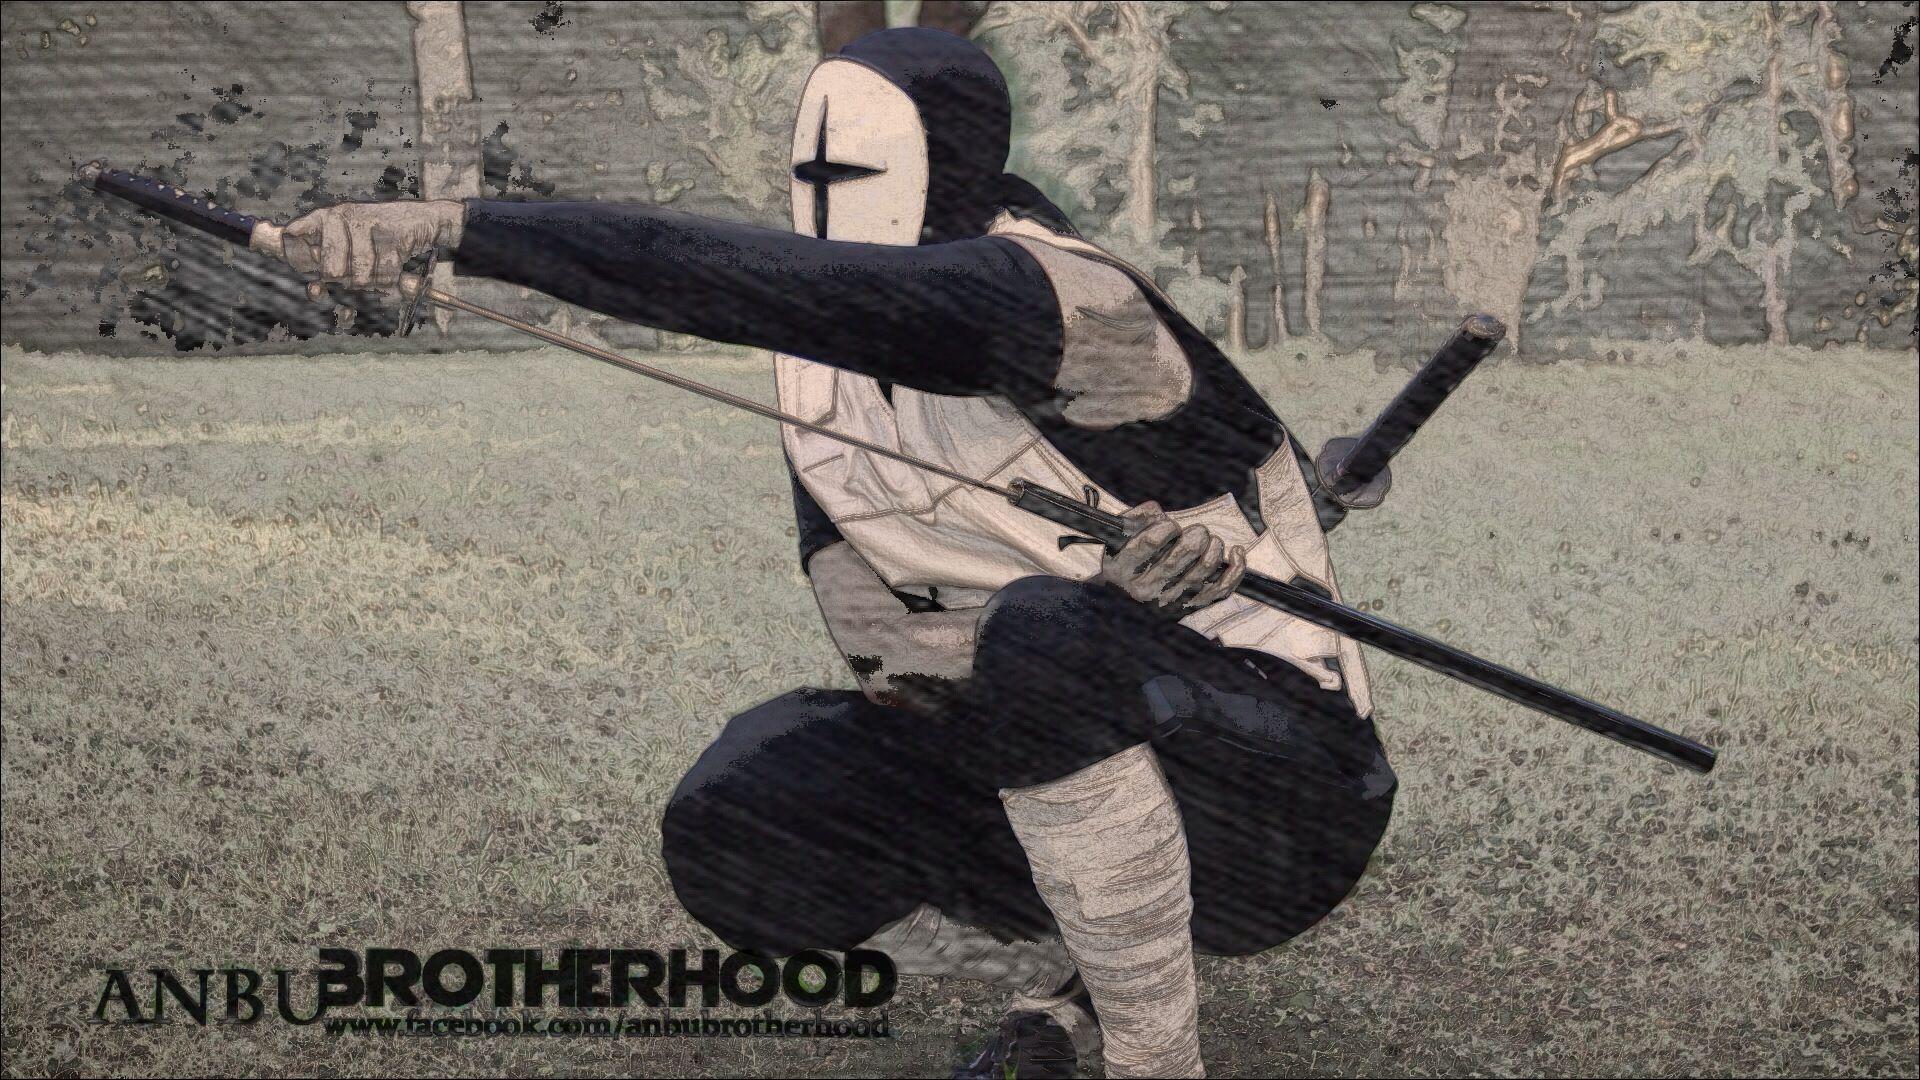 Original Live Action ANBU Wallpapers at 1080p. ANBU Brotherhood of Masks. Naruto Cosplay Kaede ...